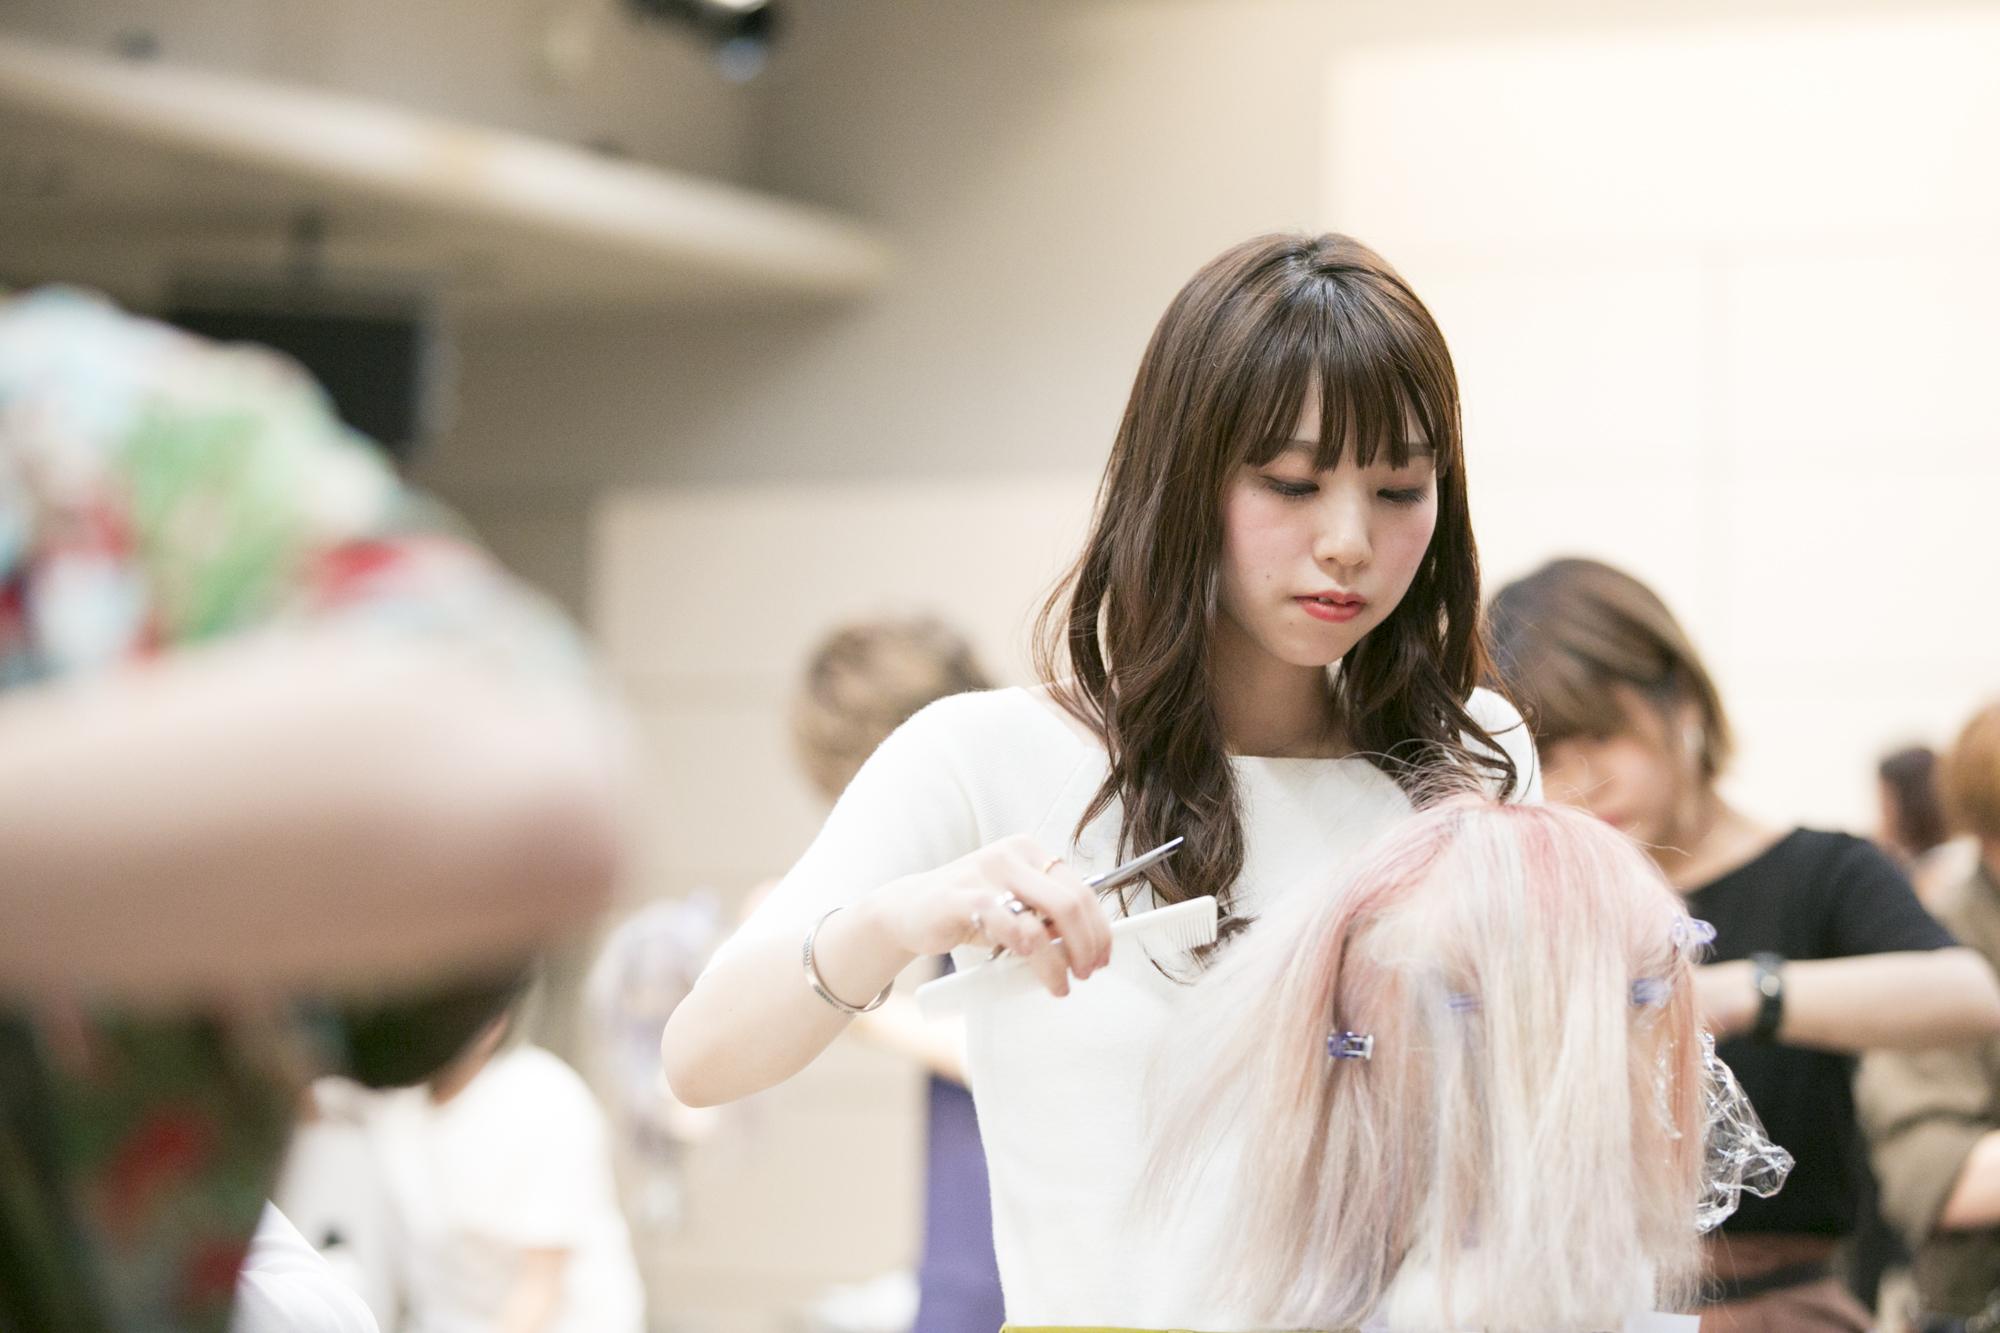 2018年12月11日 美容学生専門のガイダンス 就職カンファレンス@Beauty 東京開催